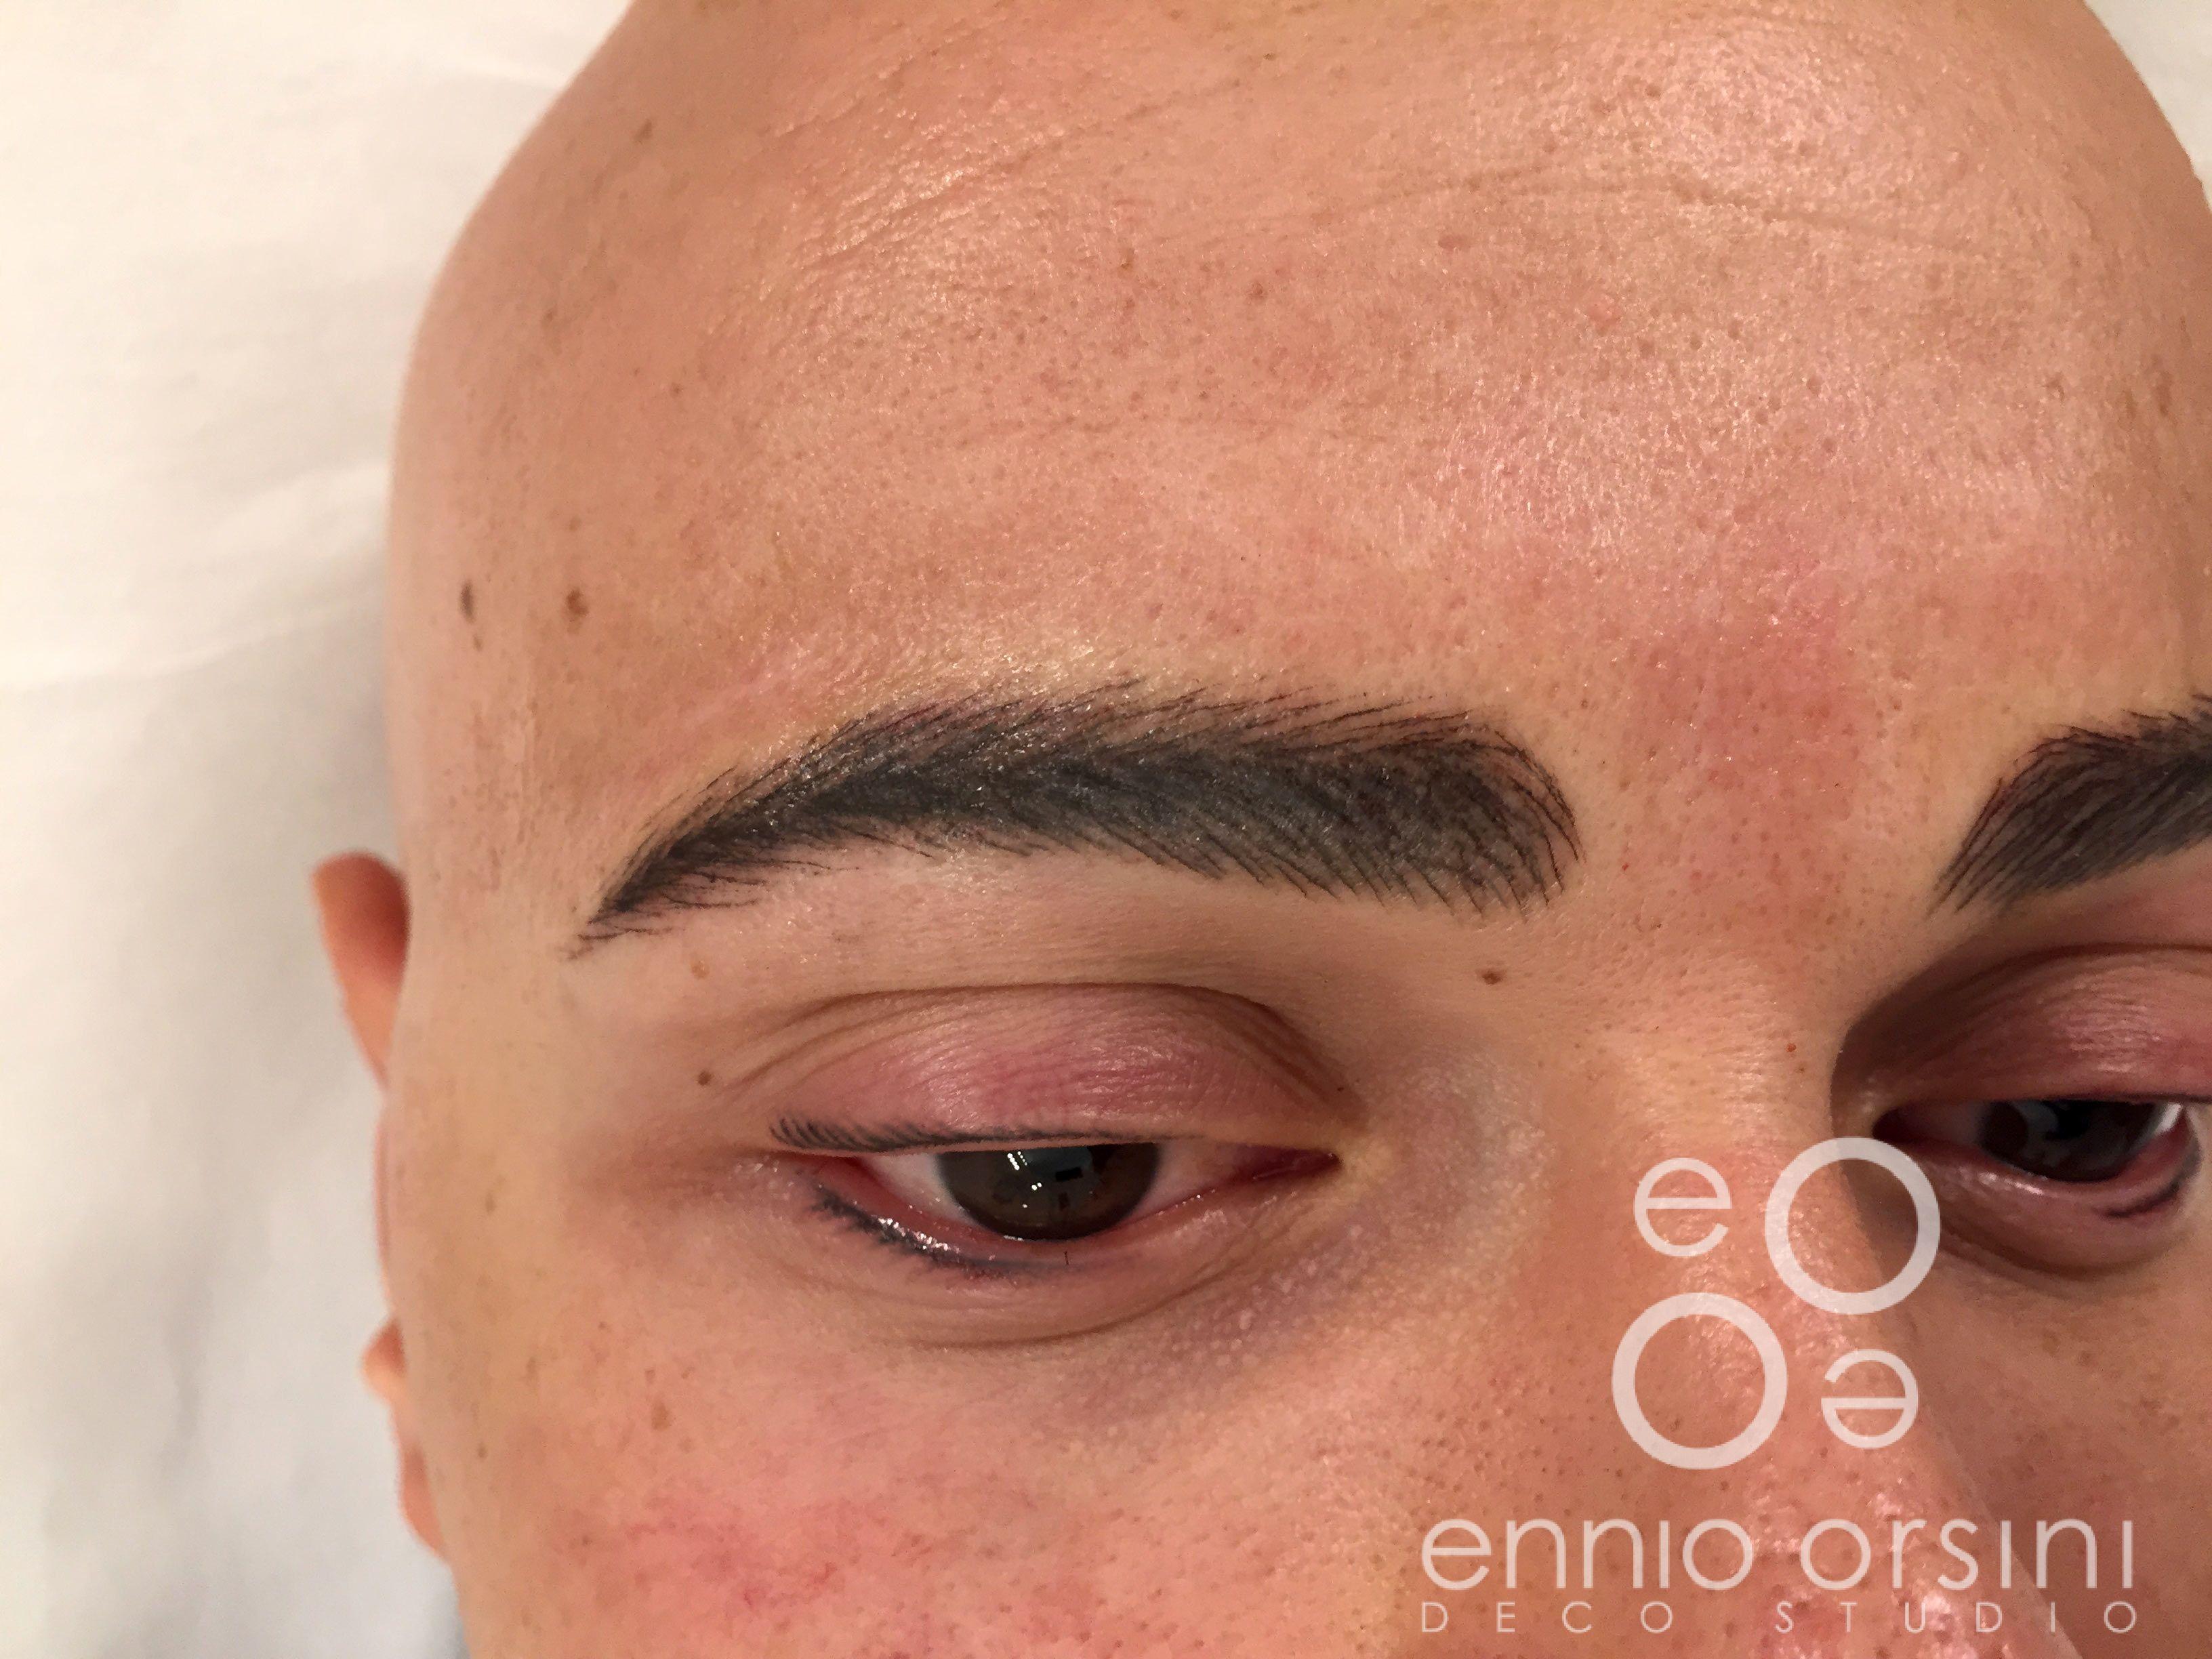 dermopigmentazione-sopracciglio-maschile